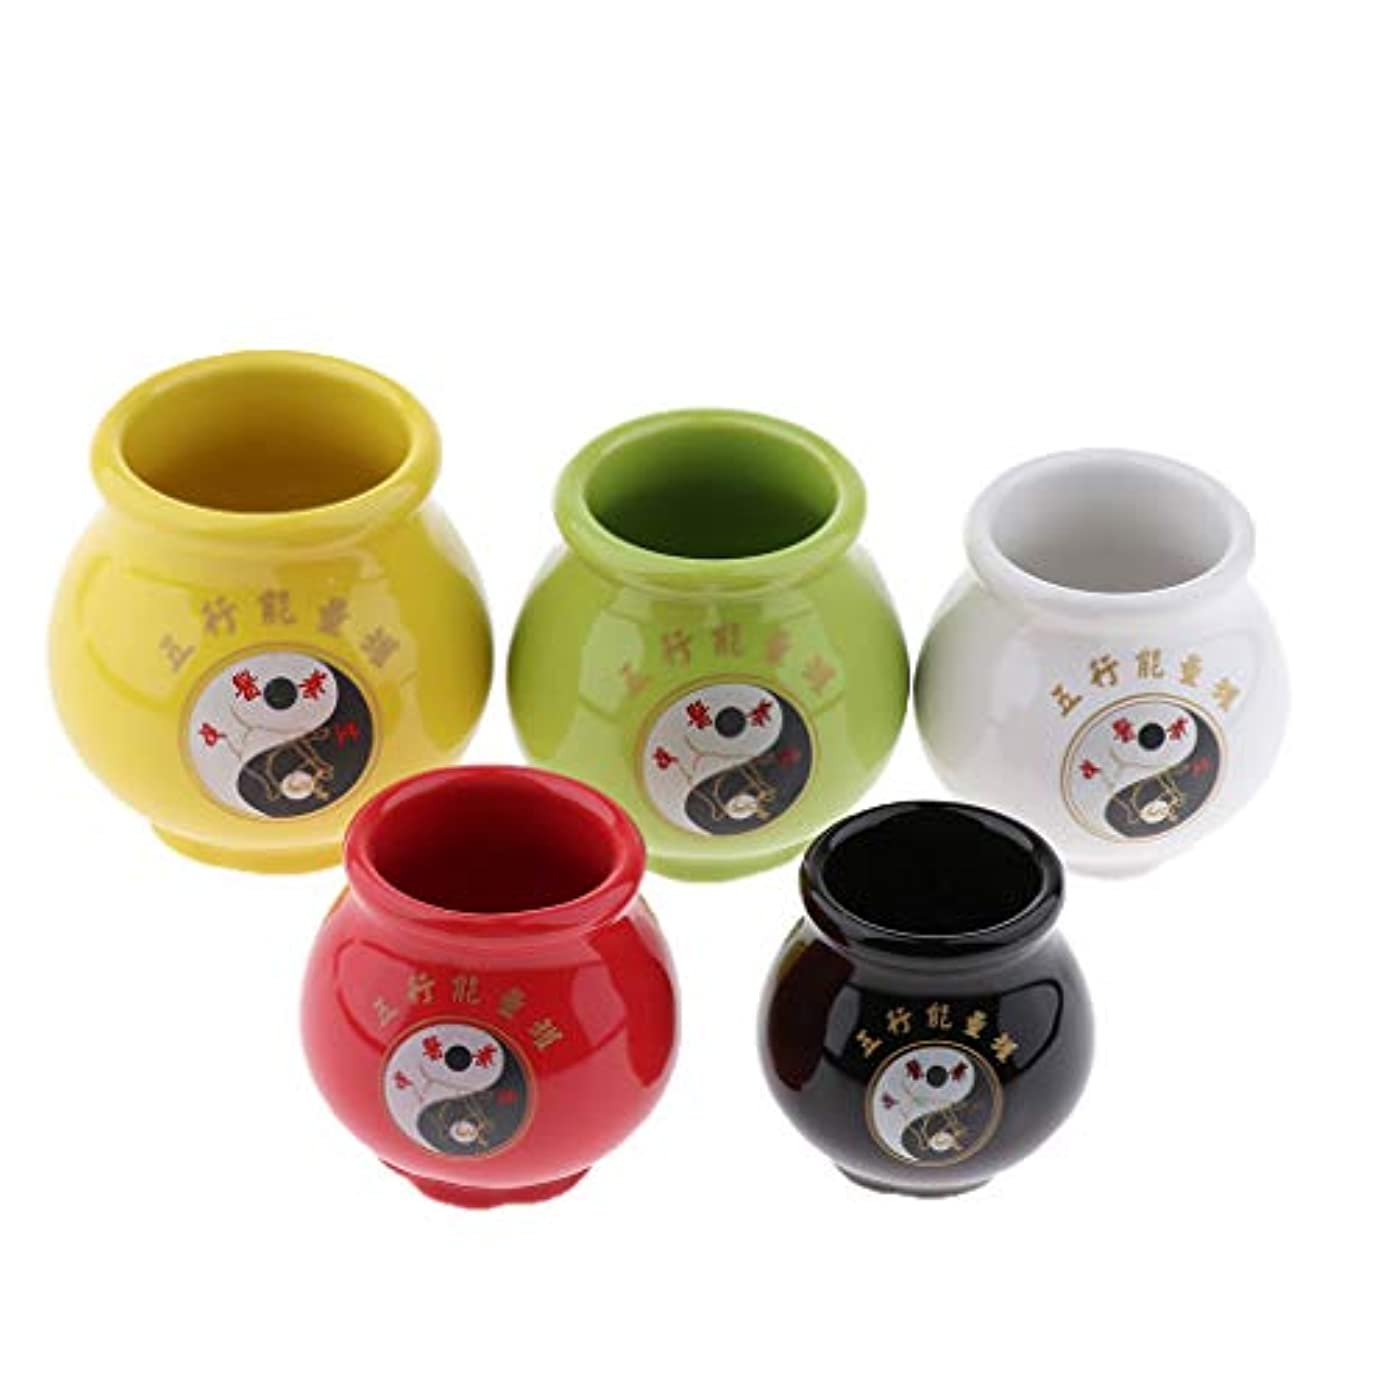 今晩料理吸収する吸い玉カップ カッピングカップ セラミック製カッピング 真空 関節と筋肉痛救済 健康ケア 5個入